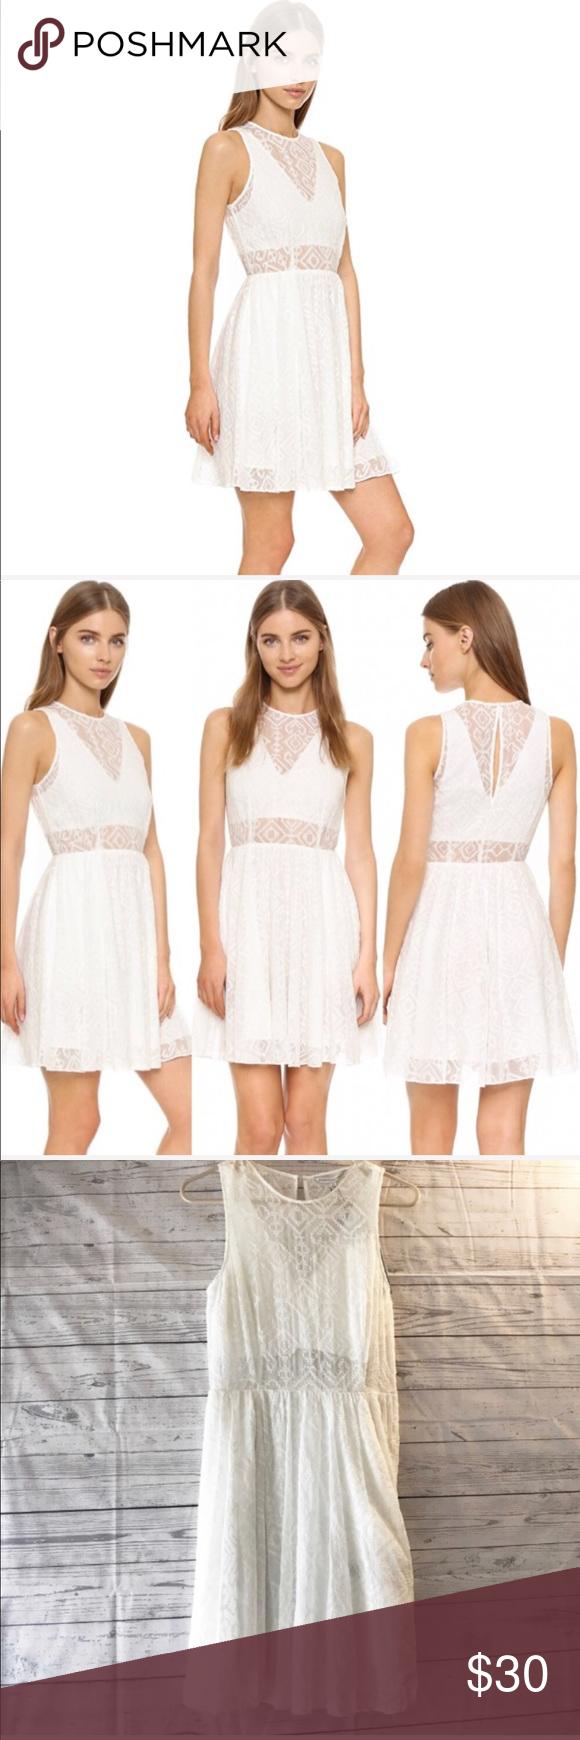 NWT Rebecca Minkoff White Trixie Dress Dresses, Clothes